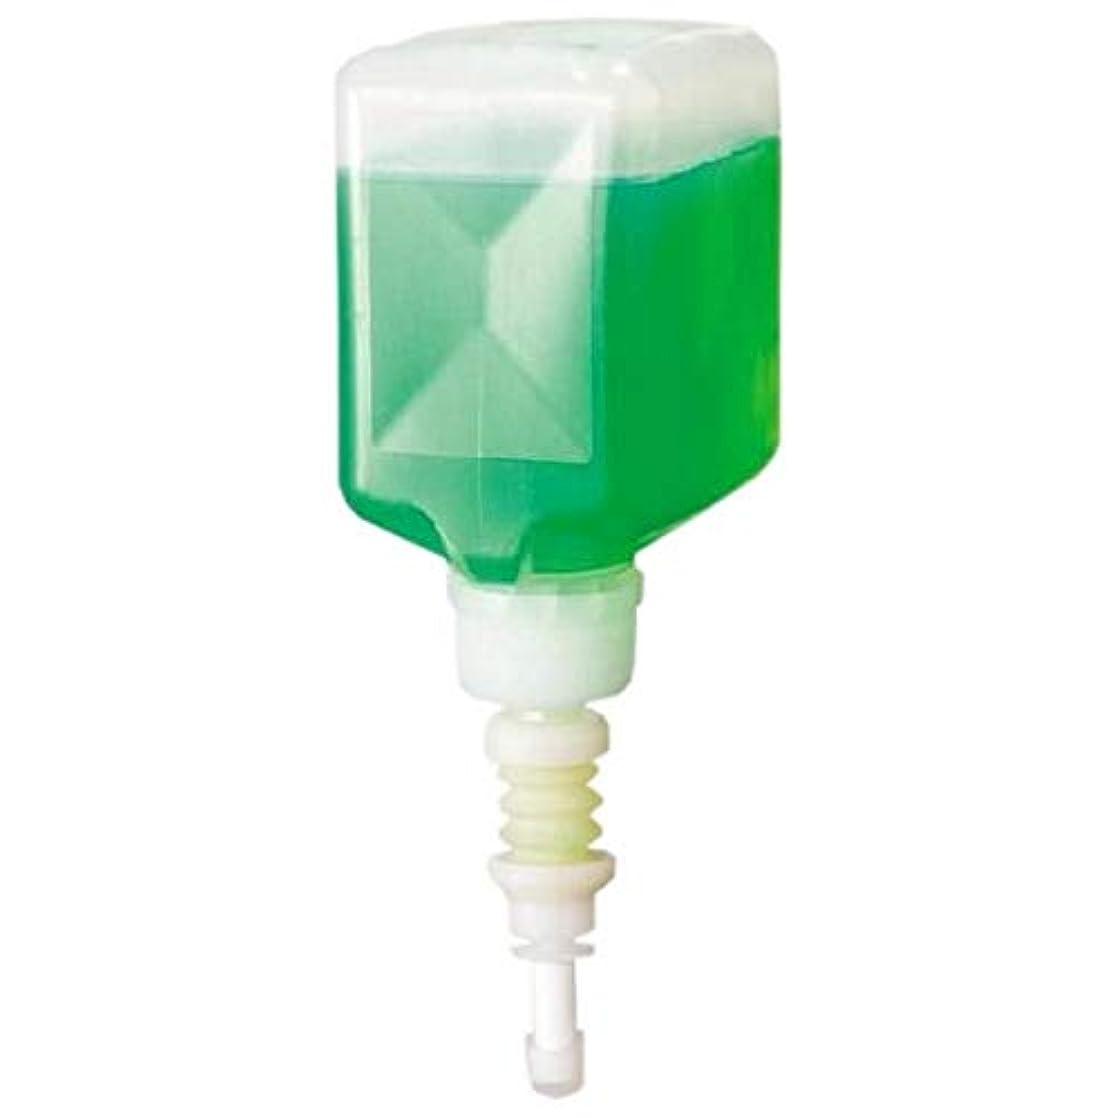 たくさんミリメートル印刷するスタイルデコ シャボネット石けん液Fデコ専用薬液 緑色